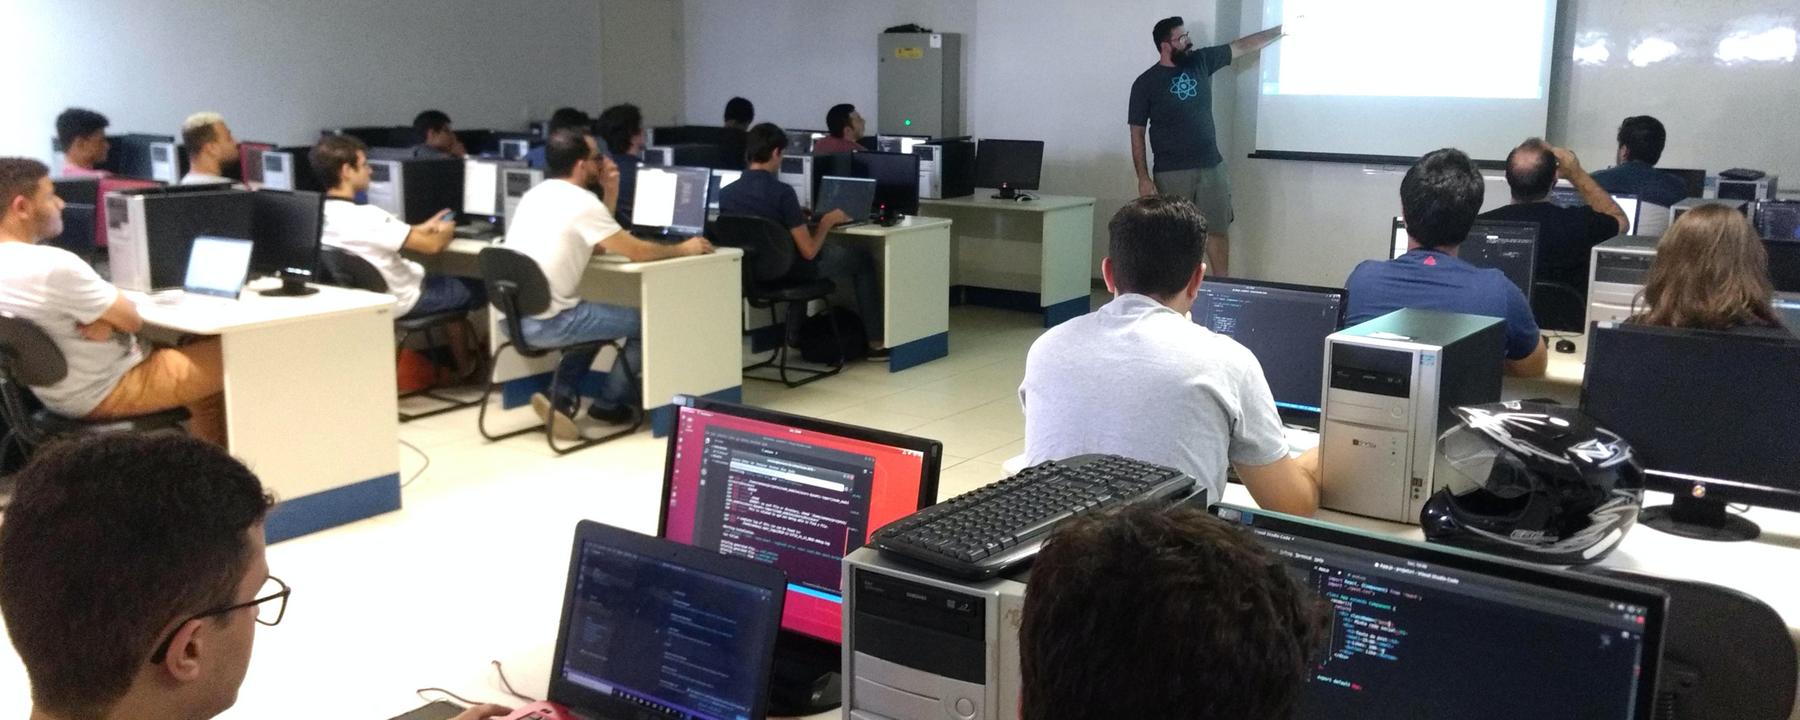 Aprendendo e ensinando programação